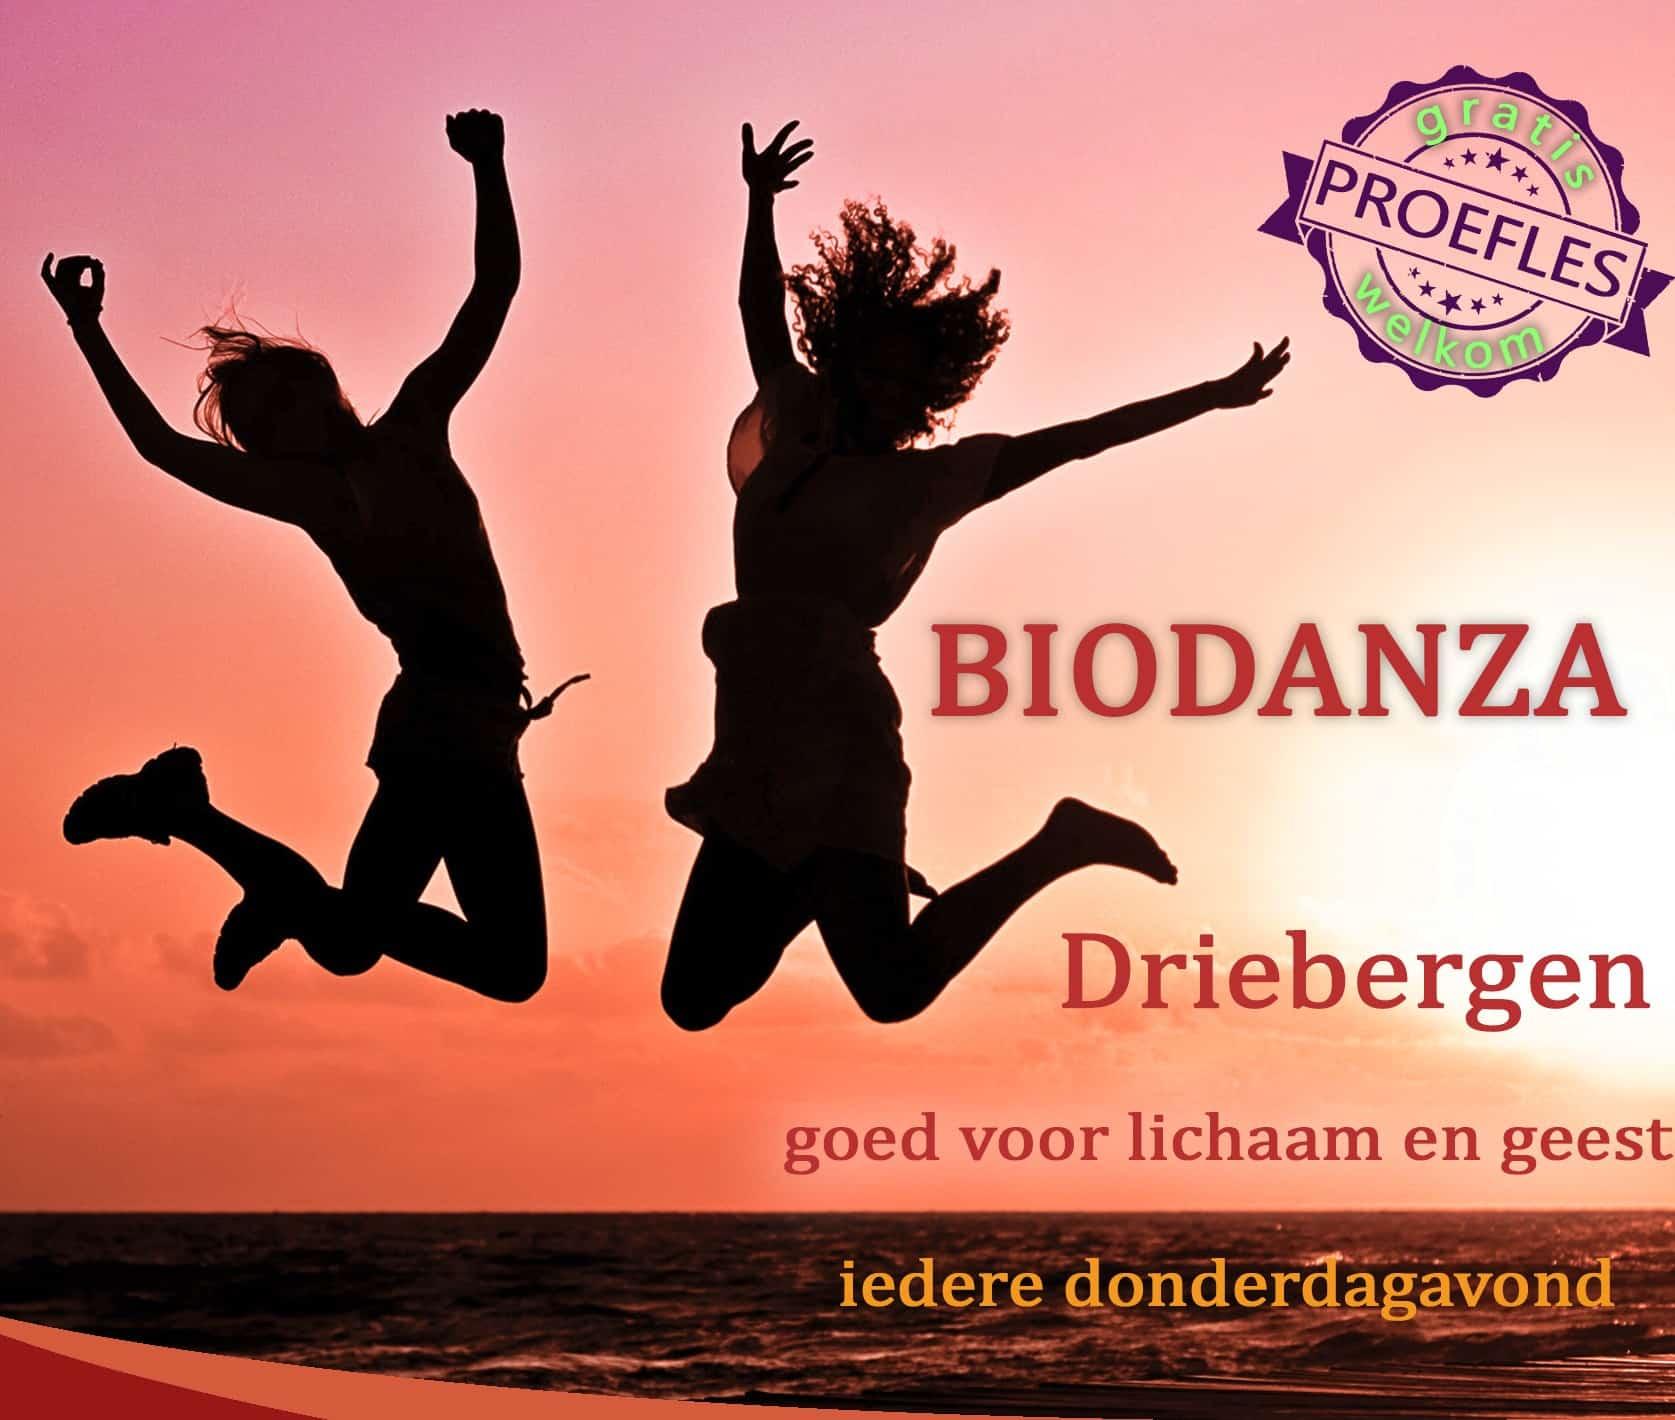 biodanza voorkant (2)